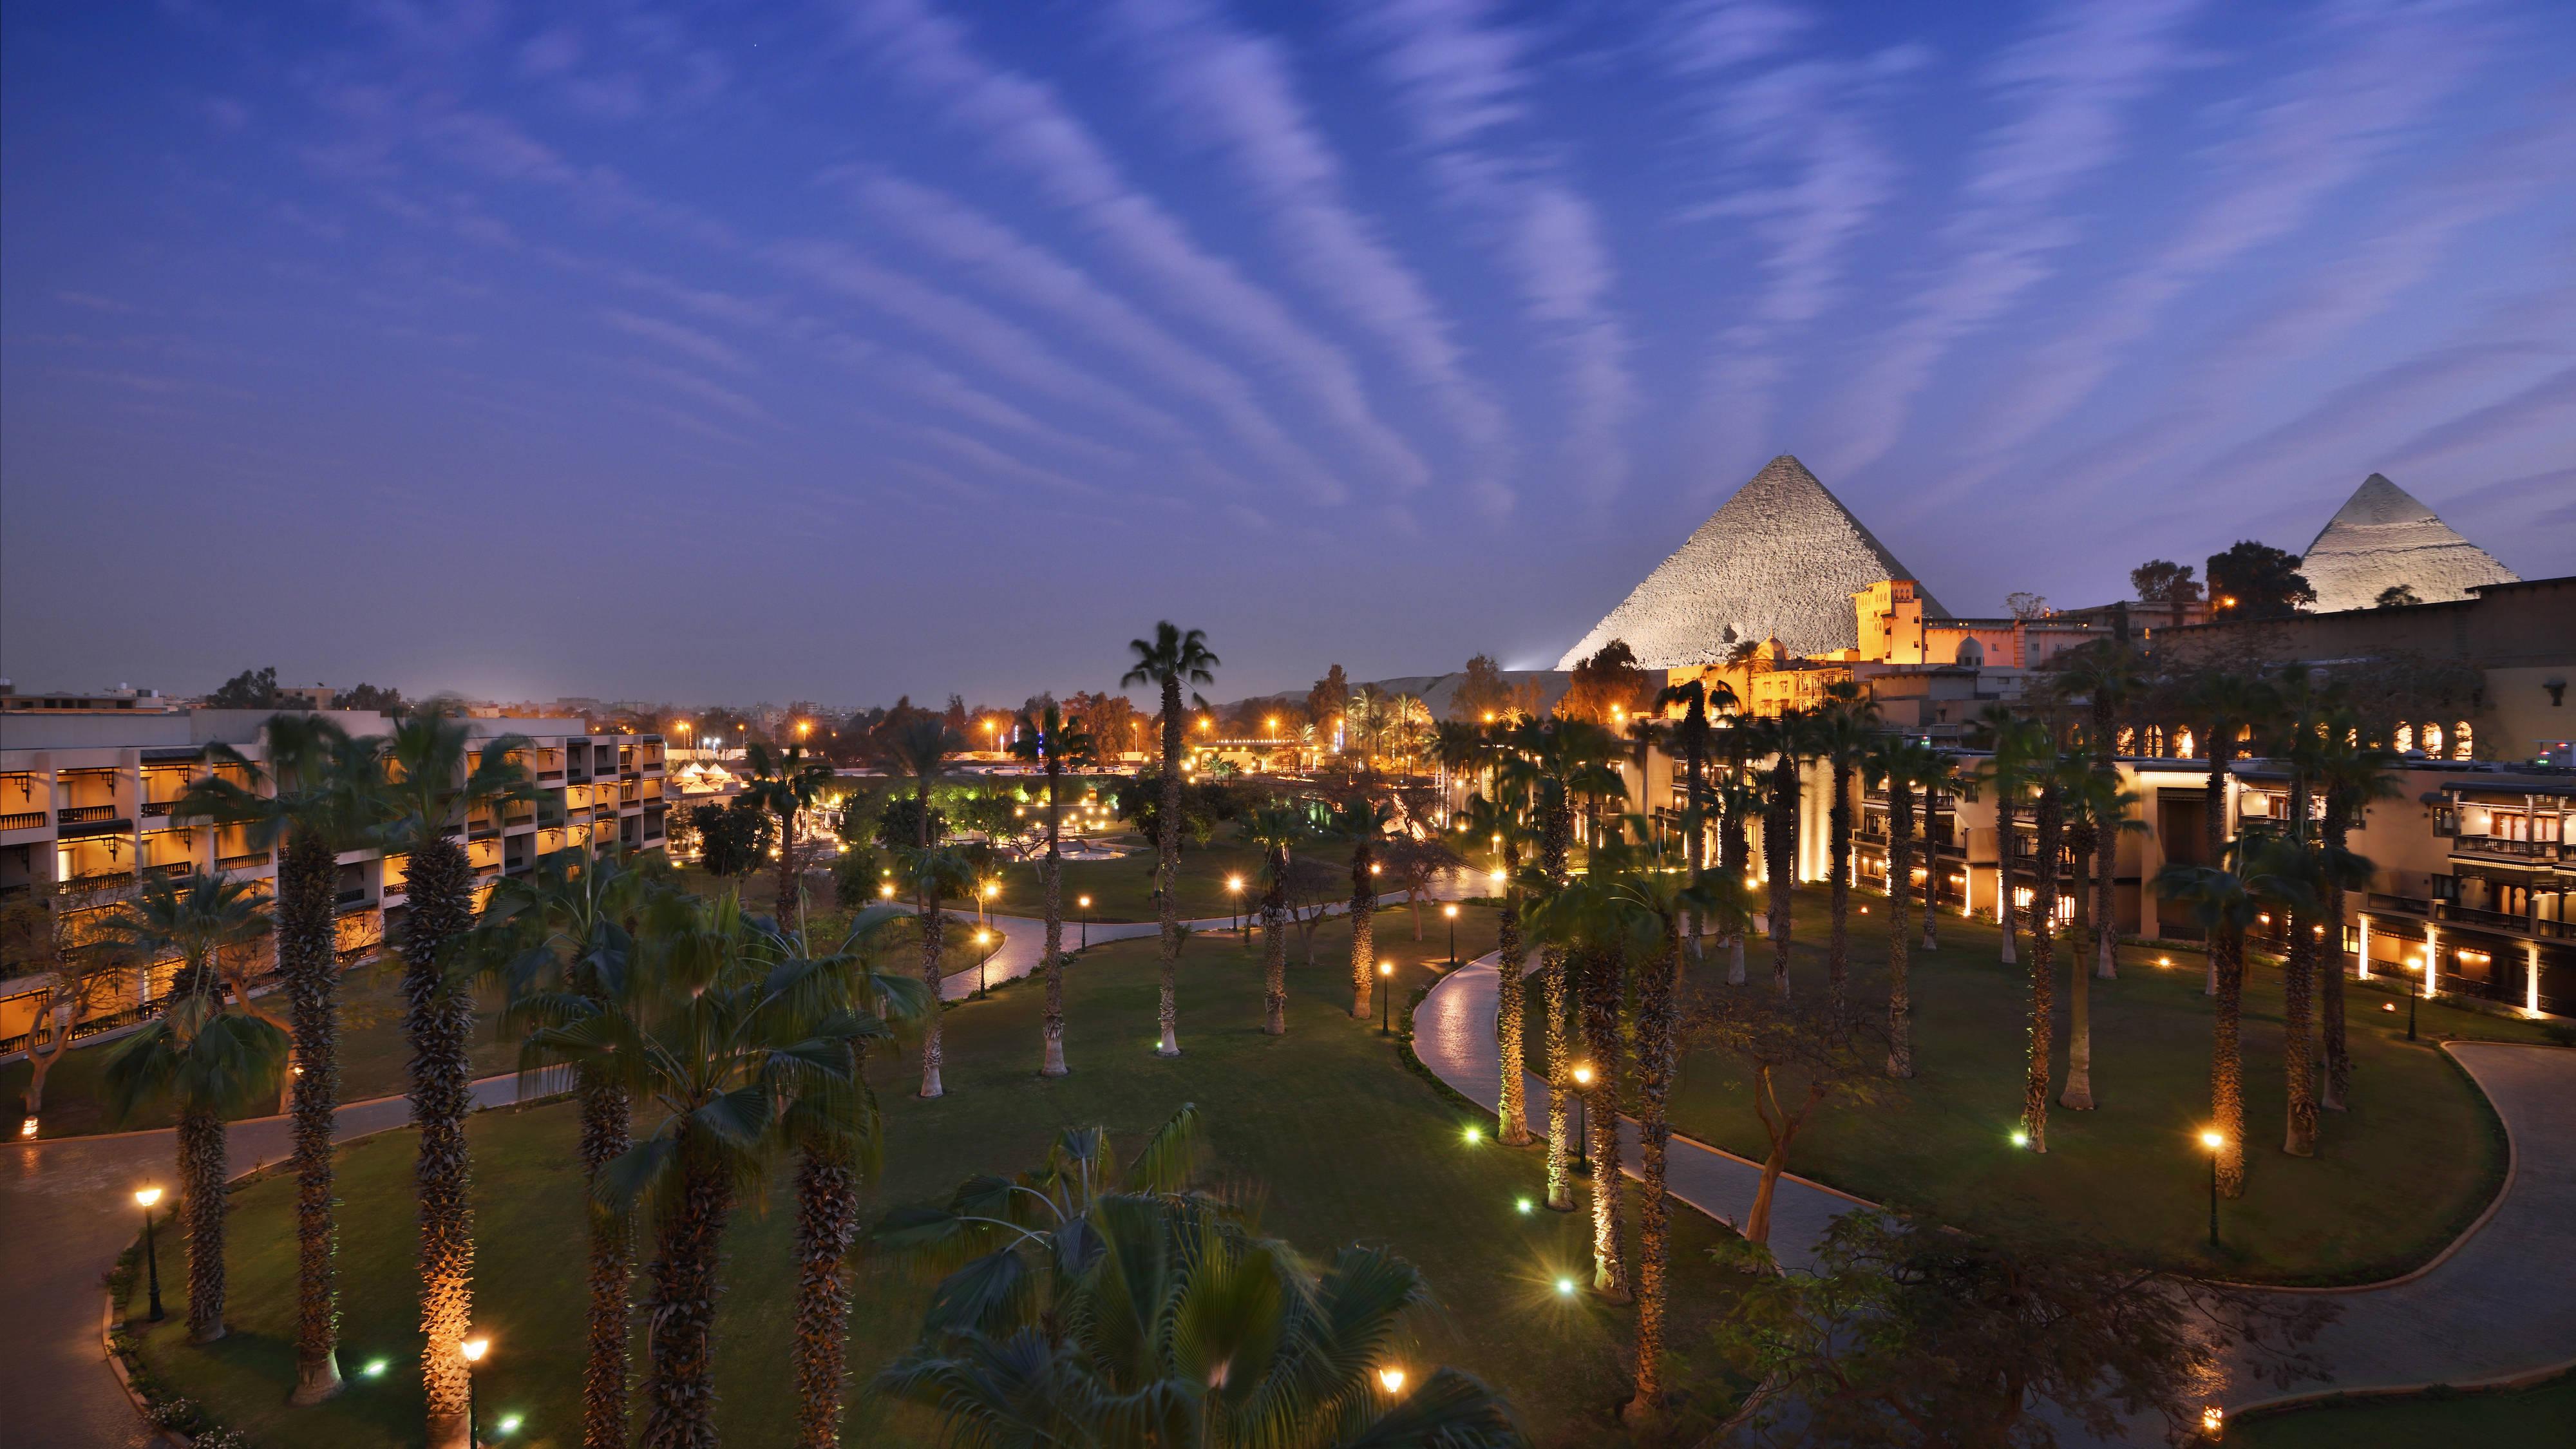 night-view-mena-house-cairo